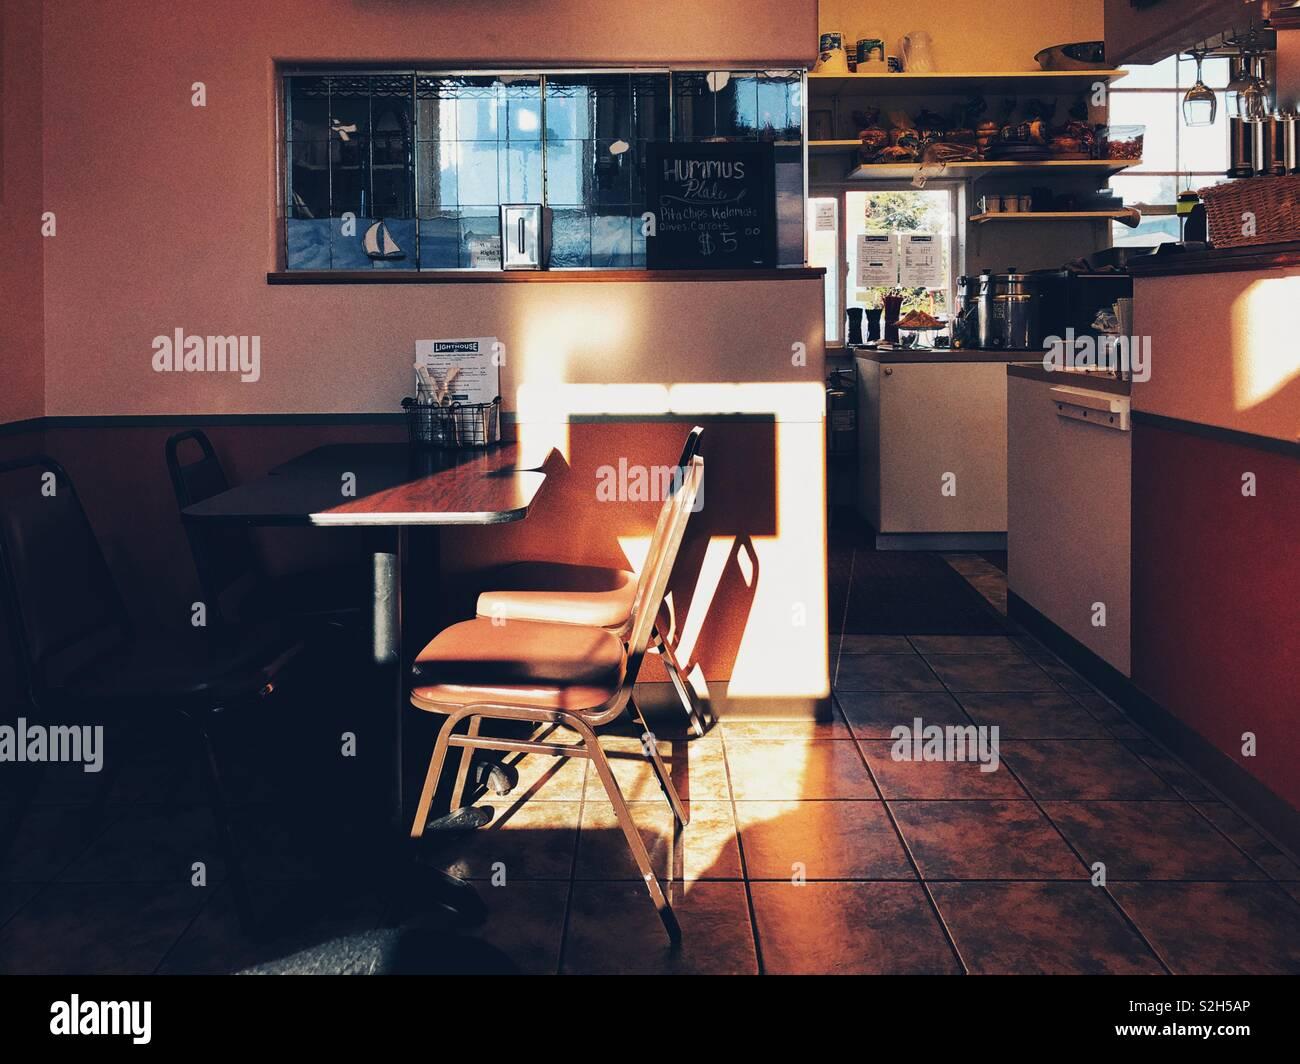 Petite ville cafe en hiver la lumière Photo Stock